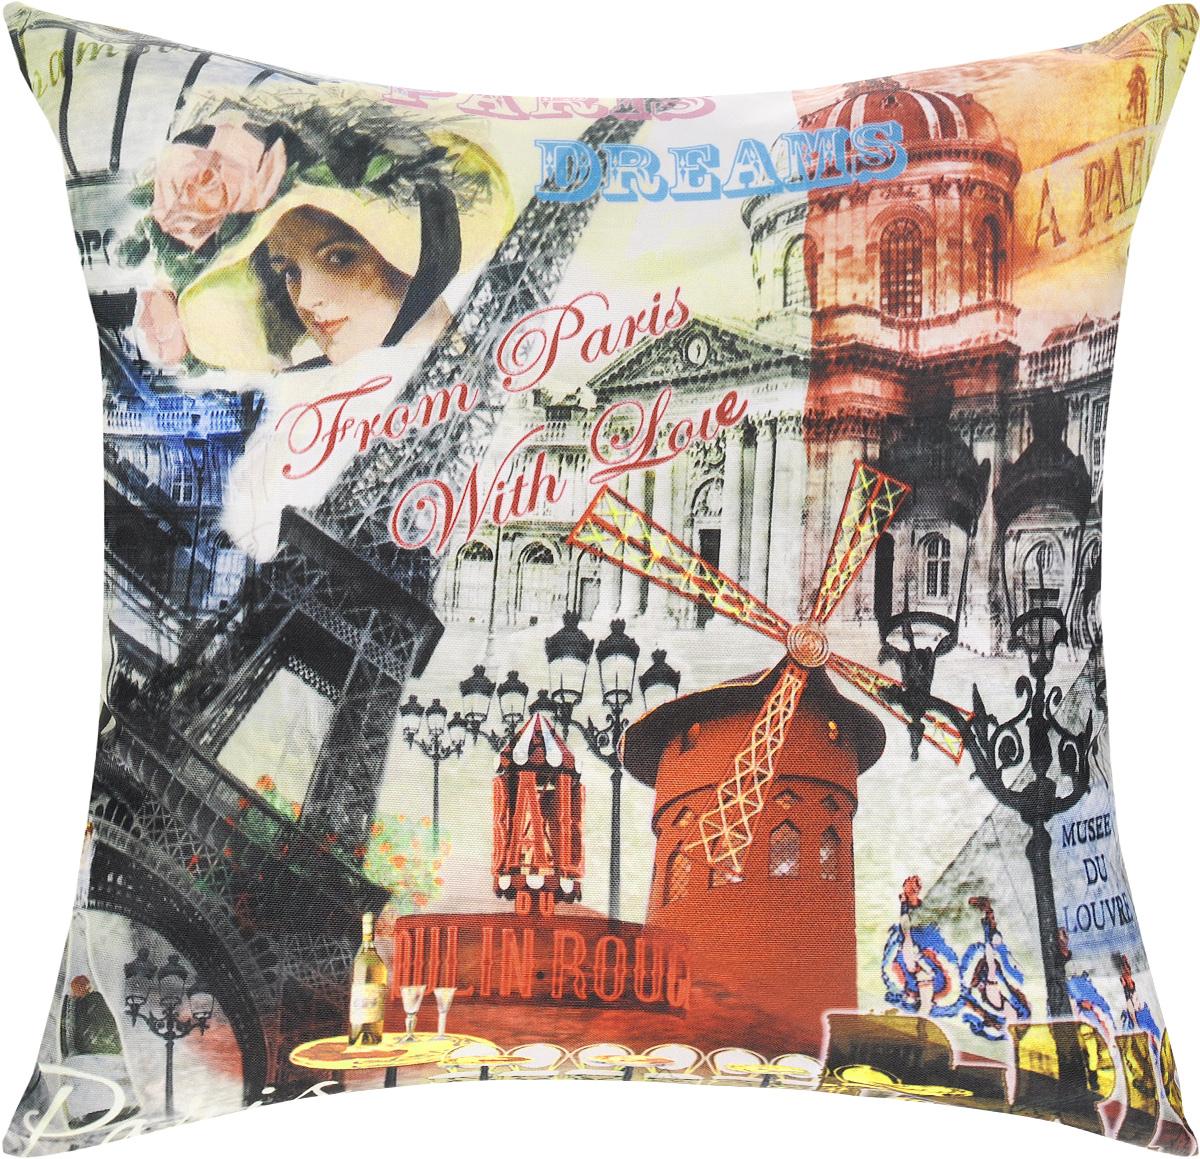 Подушка декоративная GiftnHome Парижские фантазии, 40 х 40 cмES-412Декоративная подушка GiftnHome Парижские фантазии - это яркое украшение вашего дома. Чехол выполнен из ткани Оксфорд и украшен красочным изображением. Внутренний наполнитель подушки - холлофайбер. Чехол застегивается на молнию.Красивая подушка создаст в доме уют и станет прекрасным элементом декора.